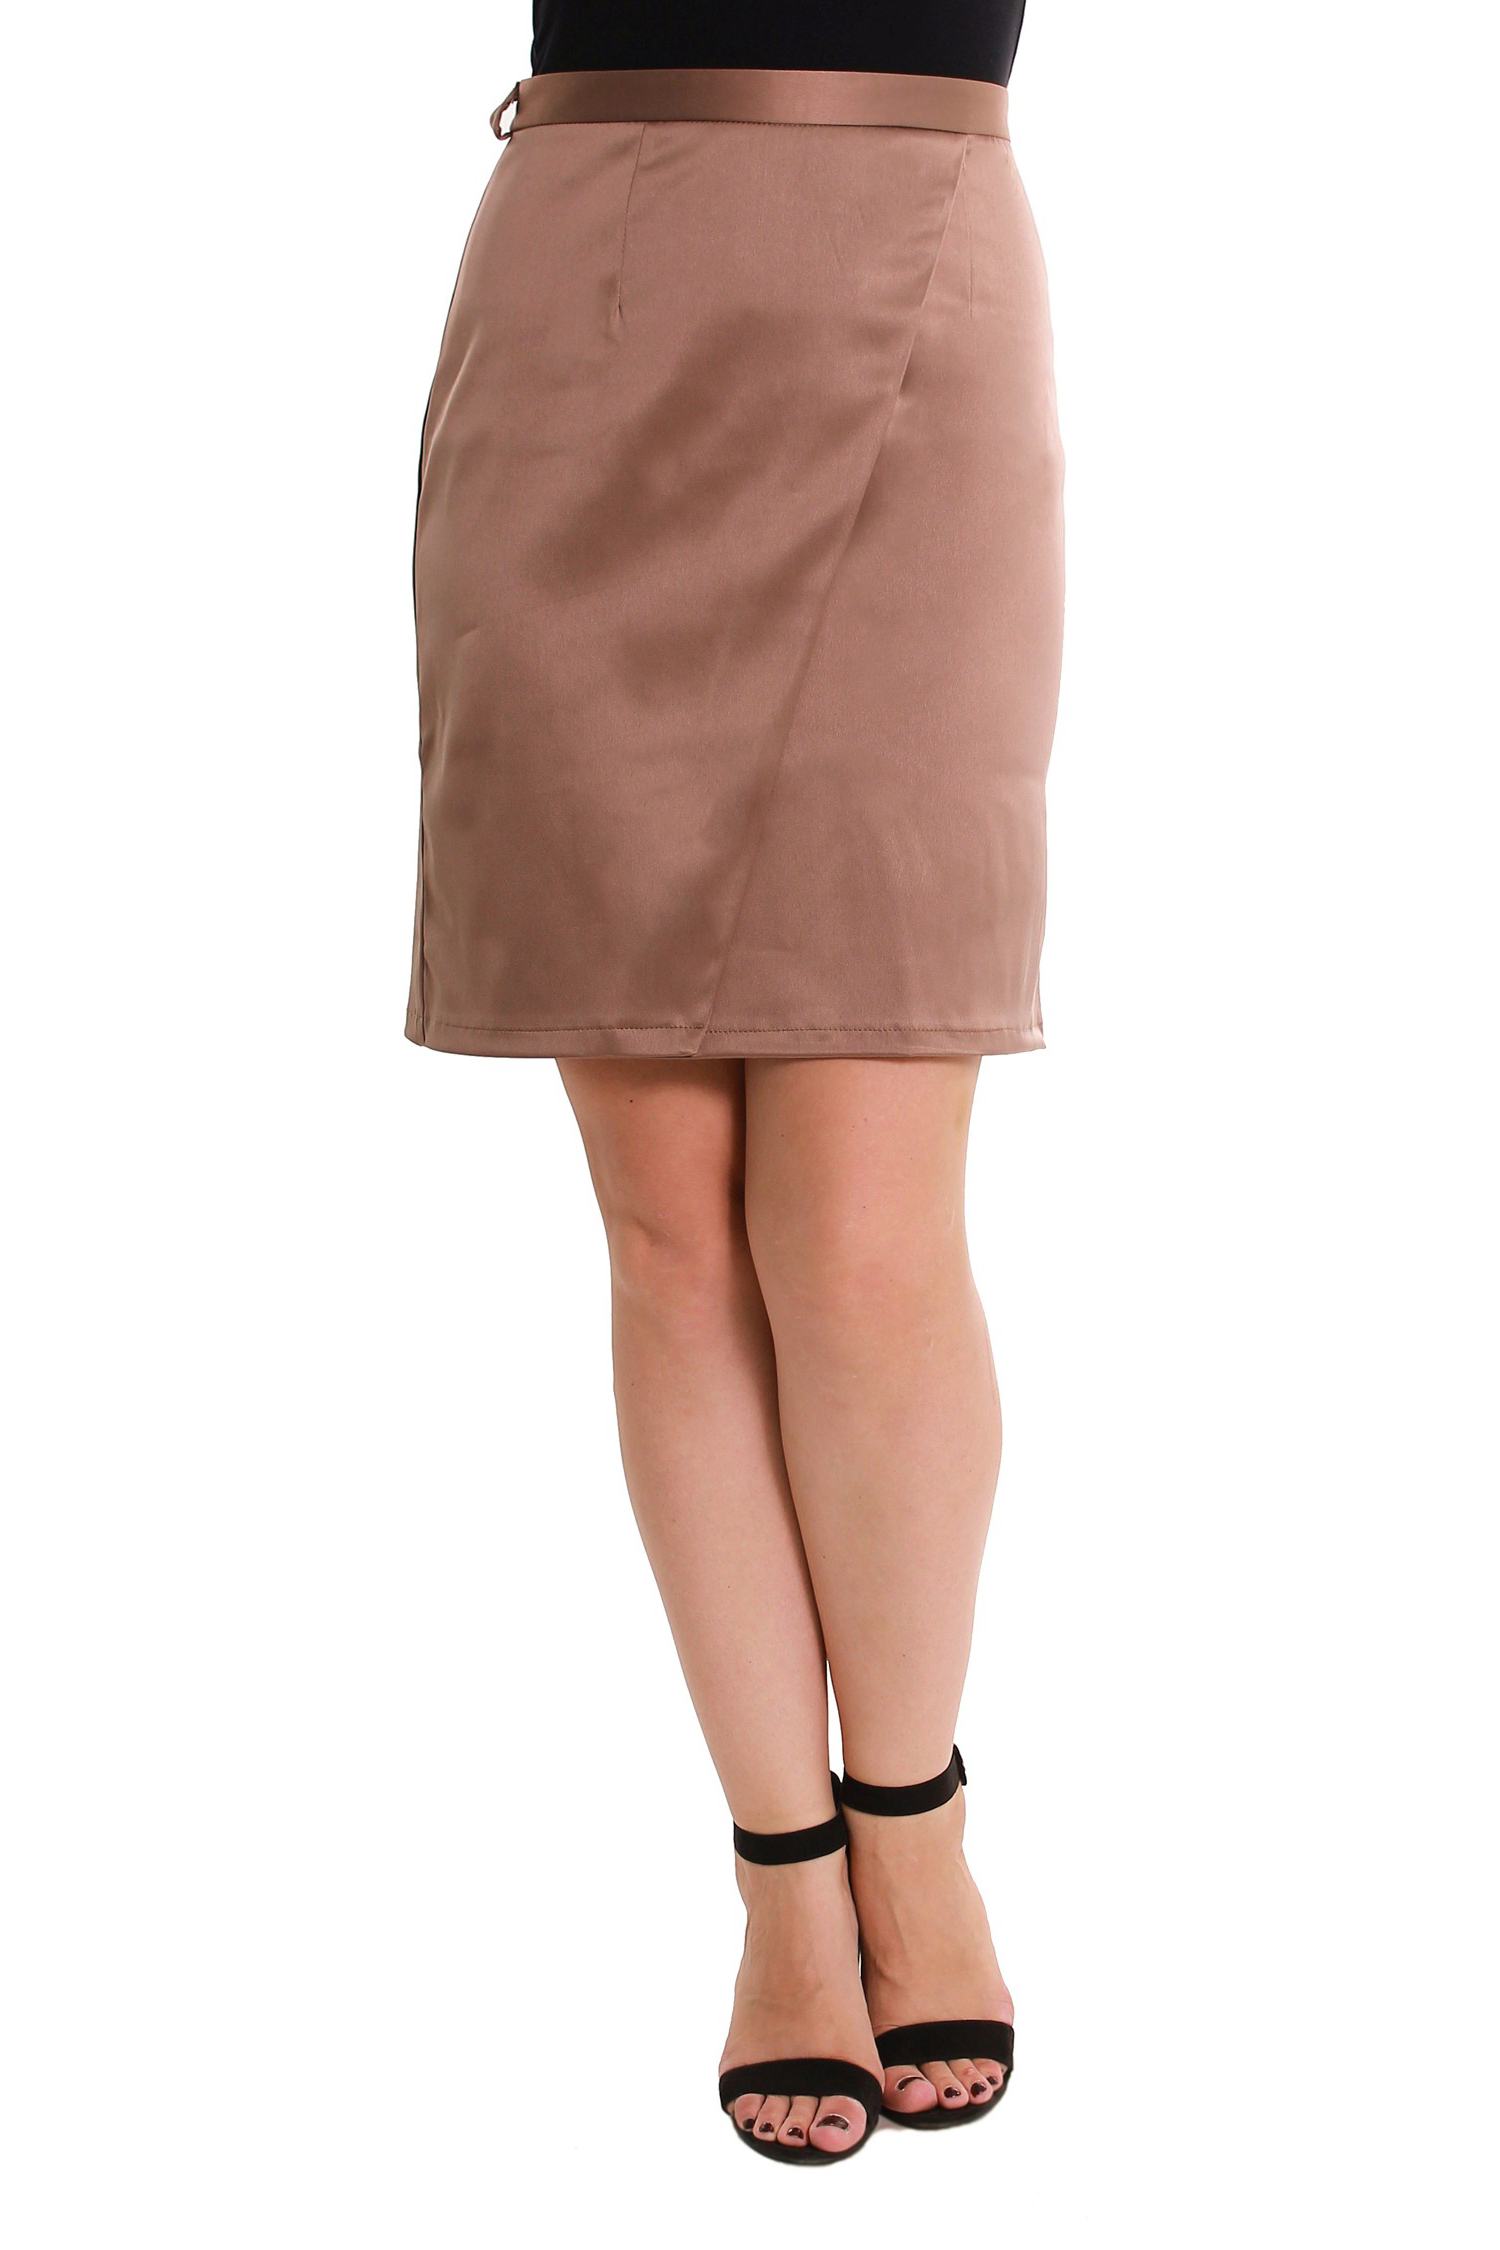 ЮбкаЮбки<br>Элегантная прямая юбка, по переду запах, молния сзади. Цвет: темно-бежевый.  Длина юбки - 58 см.<br><br>По рисунку: Однотонные<br>По сезону: Весна,Всесезон,Зима,Лето,Осень<br>По силуэту: Полуприталенные,Приталенные<br>По материалу: Атлас<br>По стилю: Нарядный стиль,Офисный стиль,Повседневный стиль<br>По элементам: С разрезом<br>Застежка: С молнией<br>По длине: До колена<br>Разрез: Шлица<br>Размер : 48,50,56<br>Материал: Атлас<br>Количество в наличии: 5